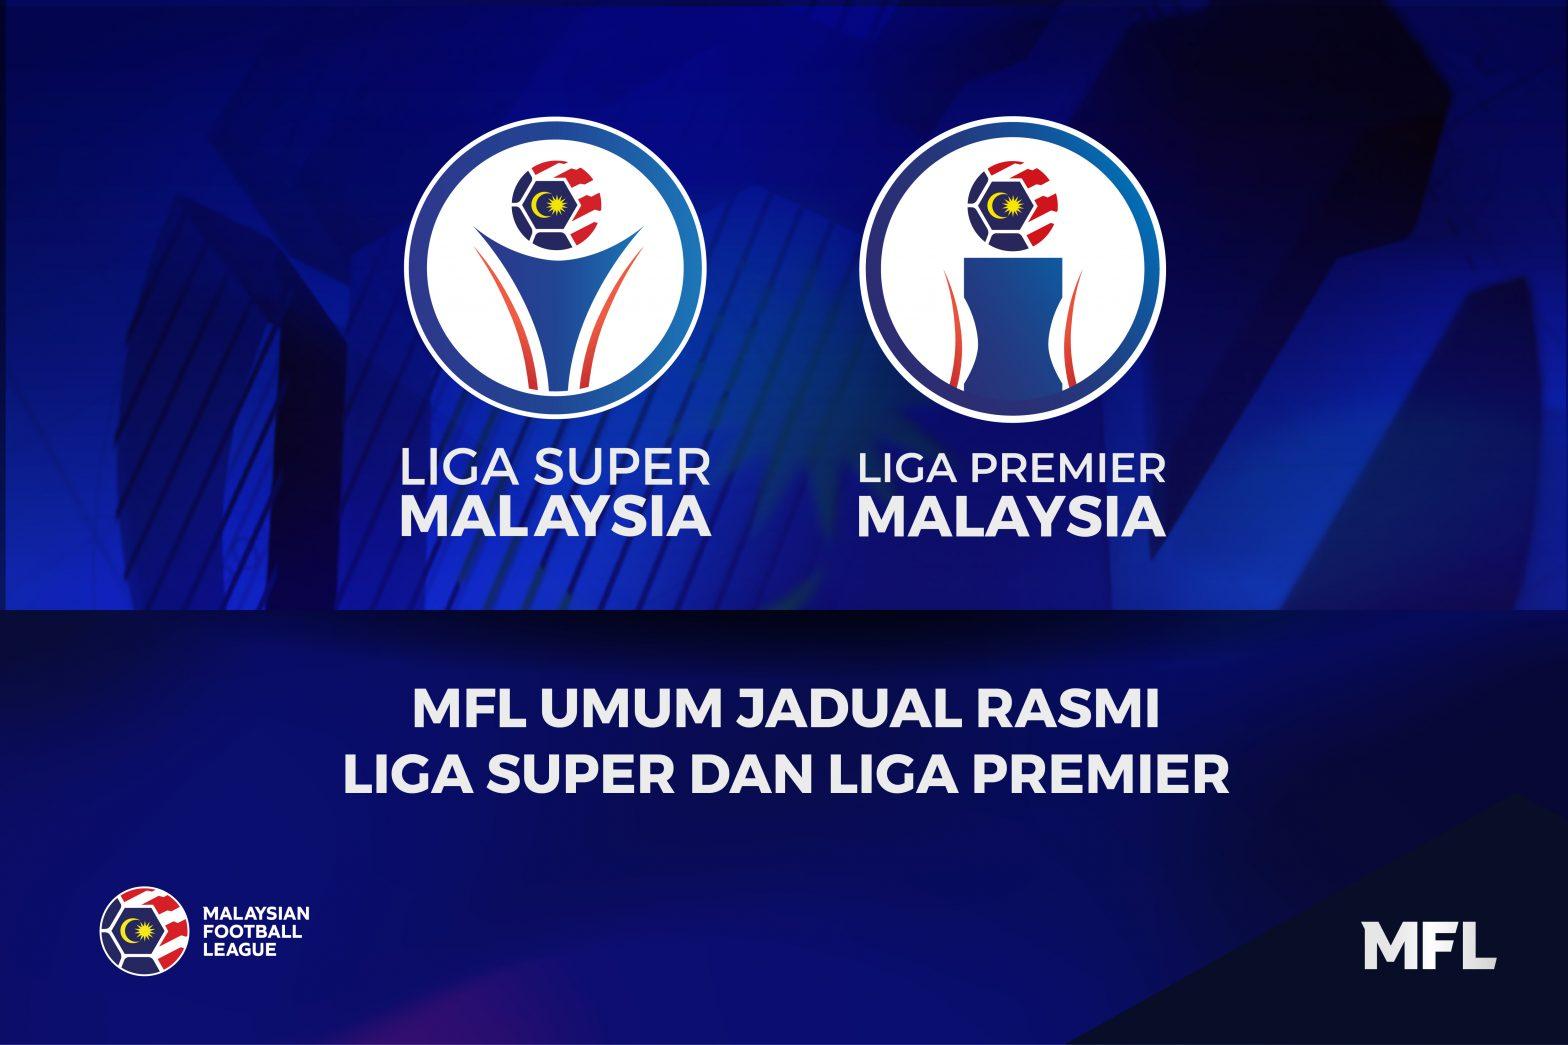 Jadual Rasmi Bagi Liga Super Dan Liga Premier Untuk Musim 2021